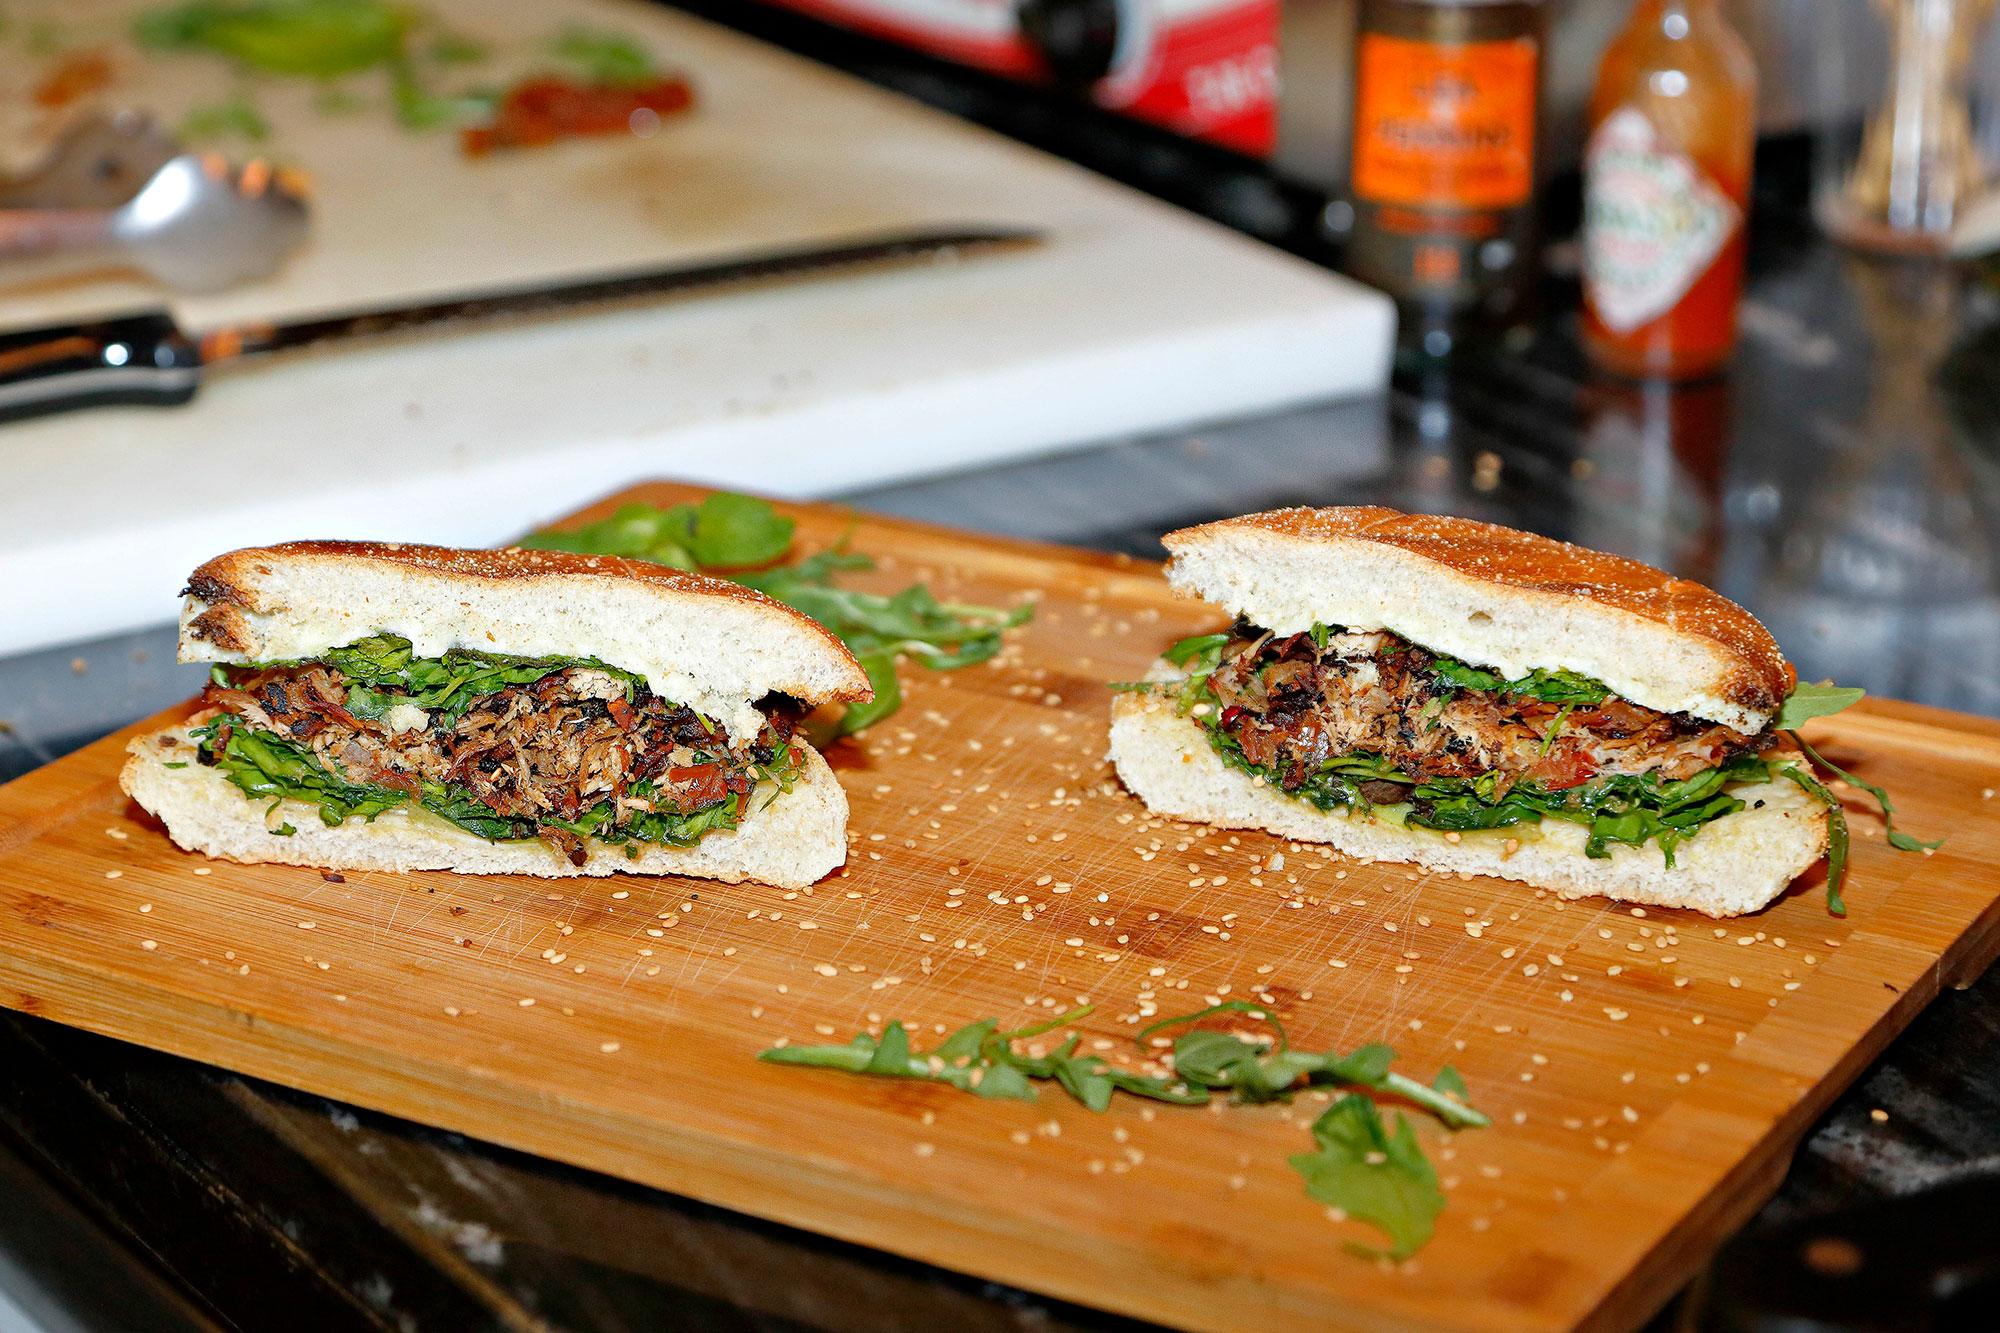 El pan que encierra esta delicia lo hacen en un horno de piedra cercano, el de la famosa pizzería 'NAP'.